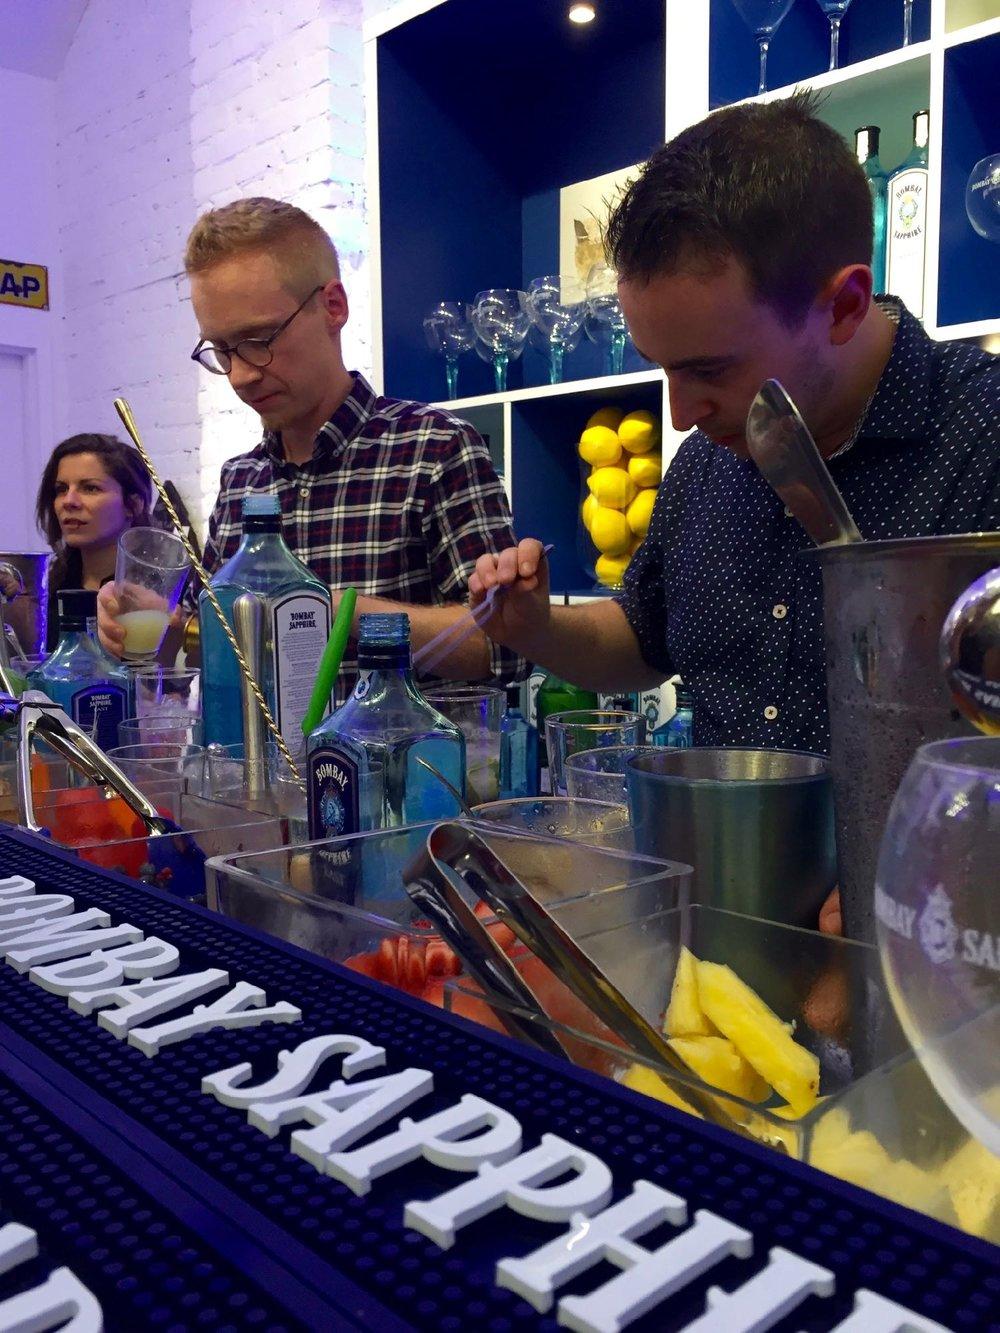 Les mixologues préparant de délicieux cocktails à base de gin Bombay Sapphire